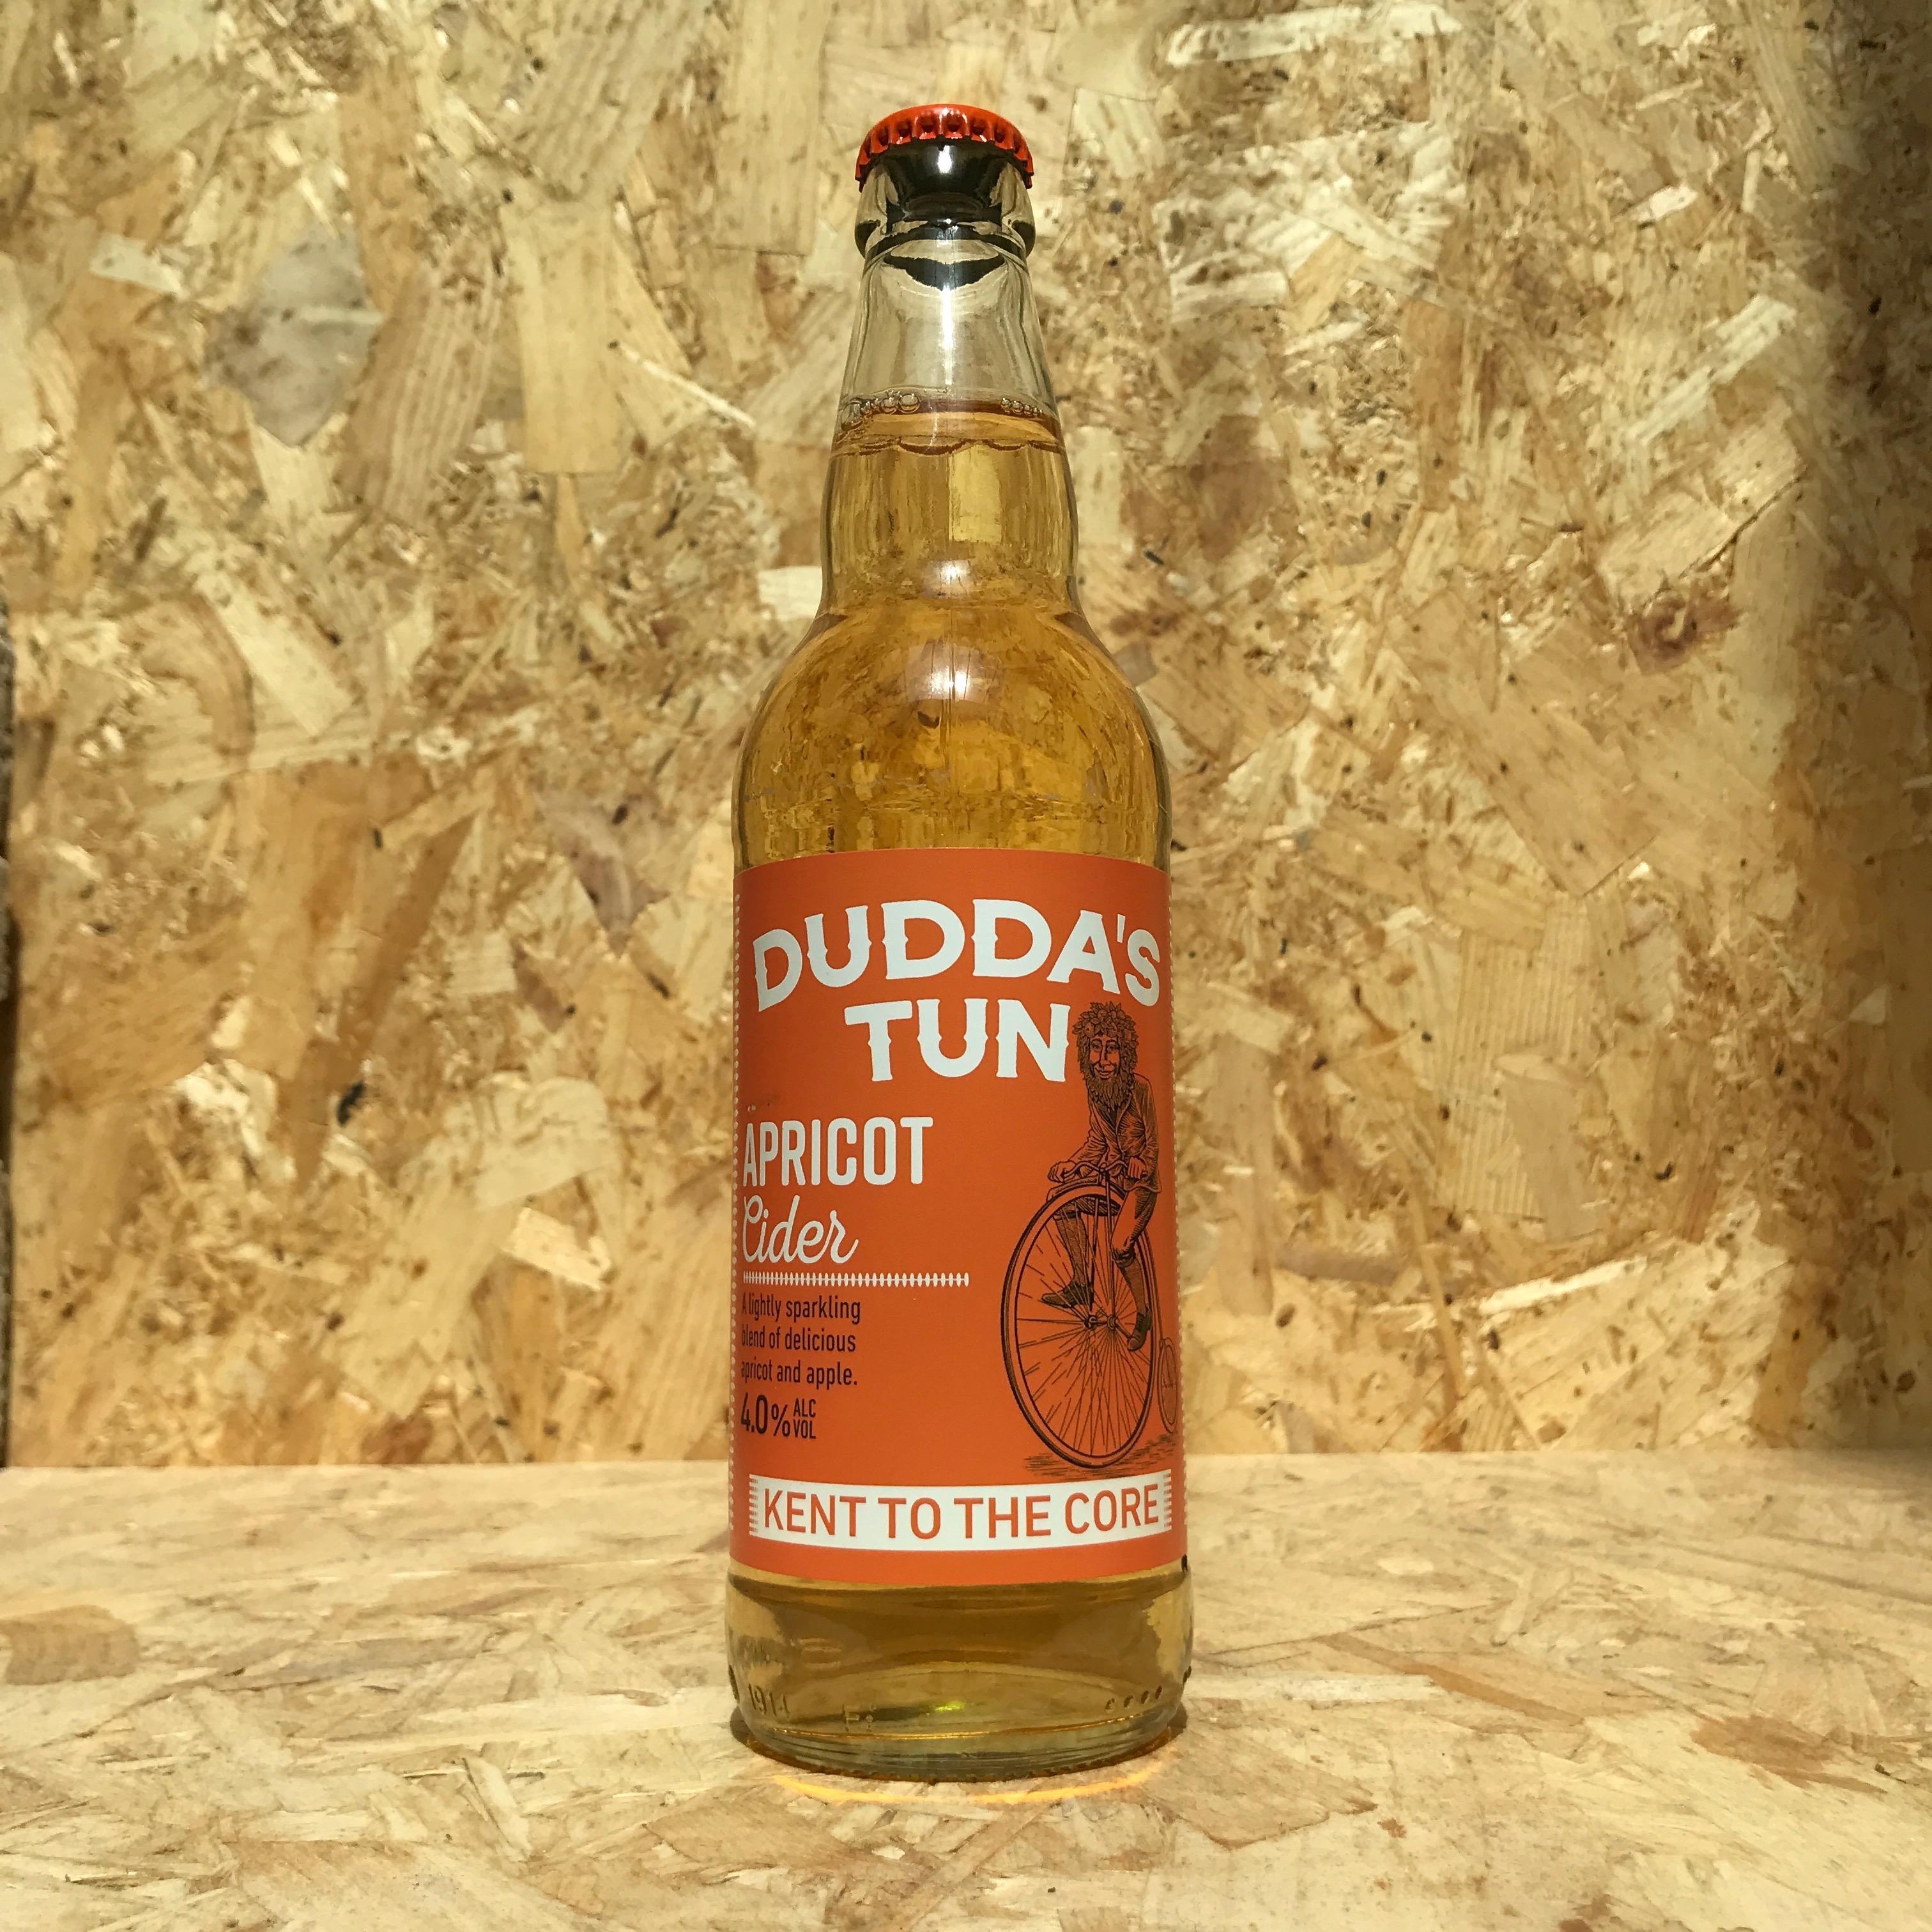 Dudda's Tun - Apricot